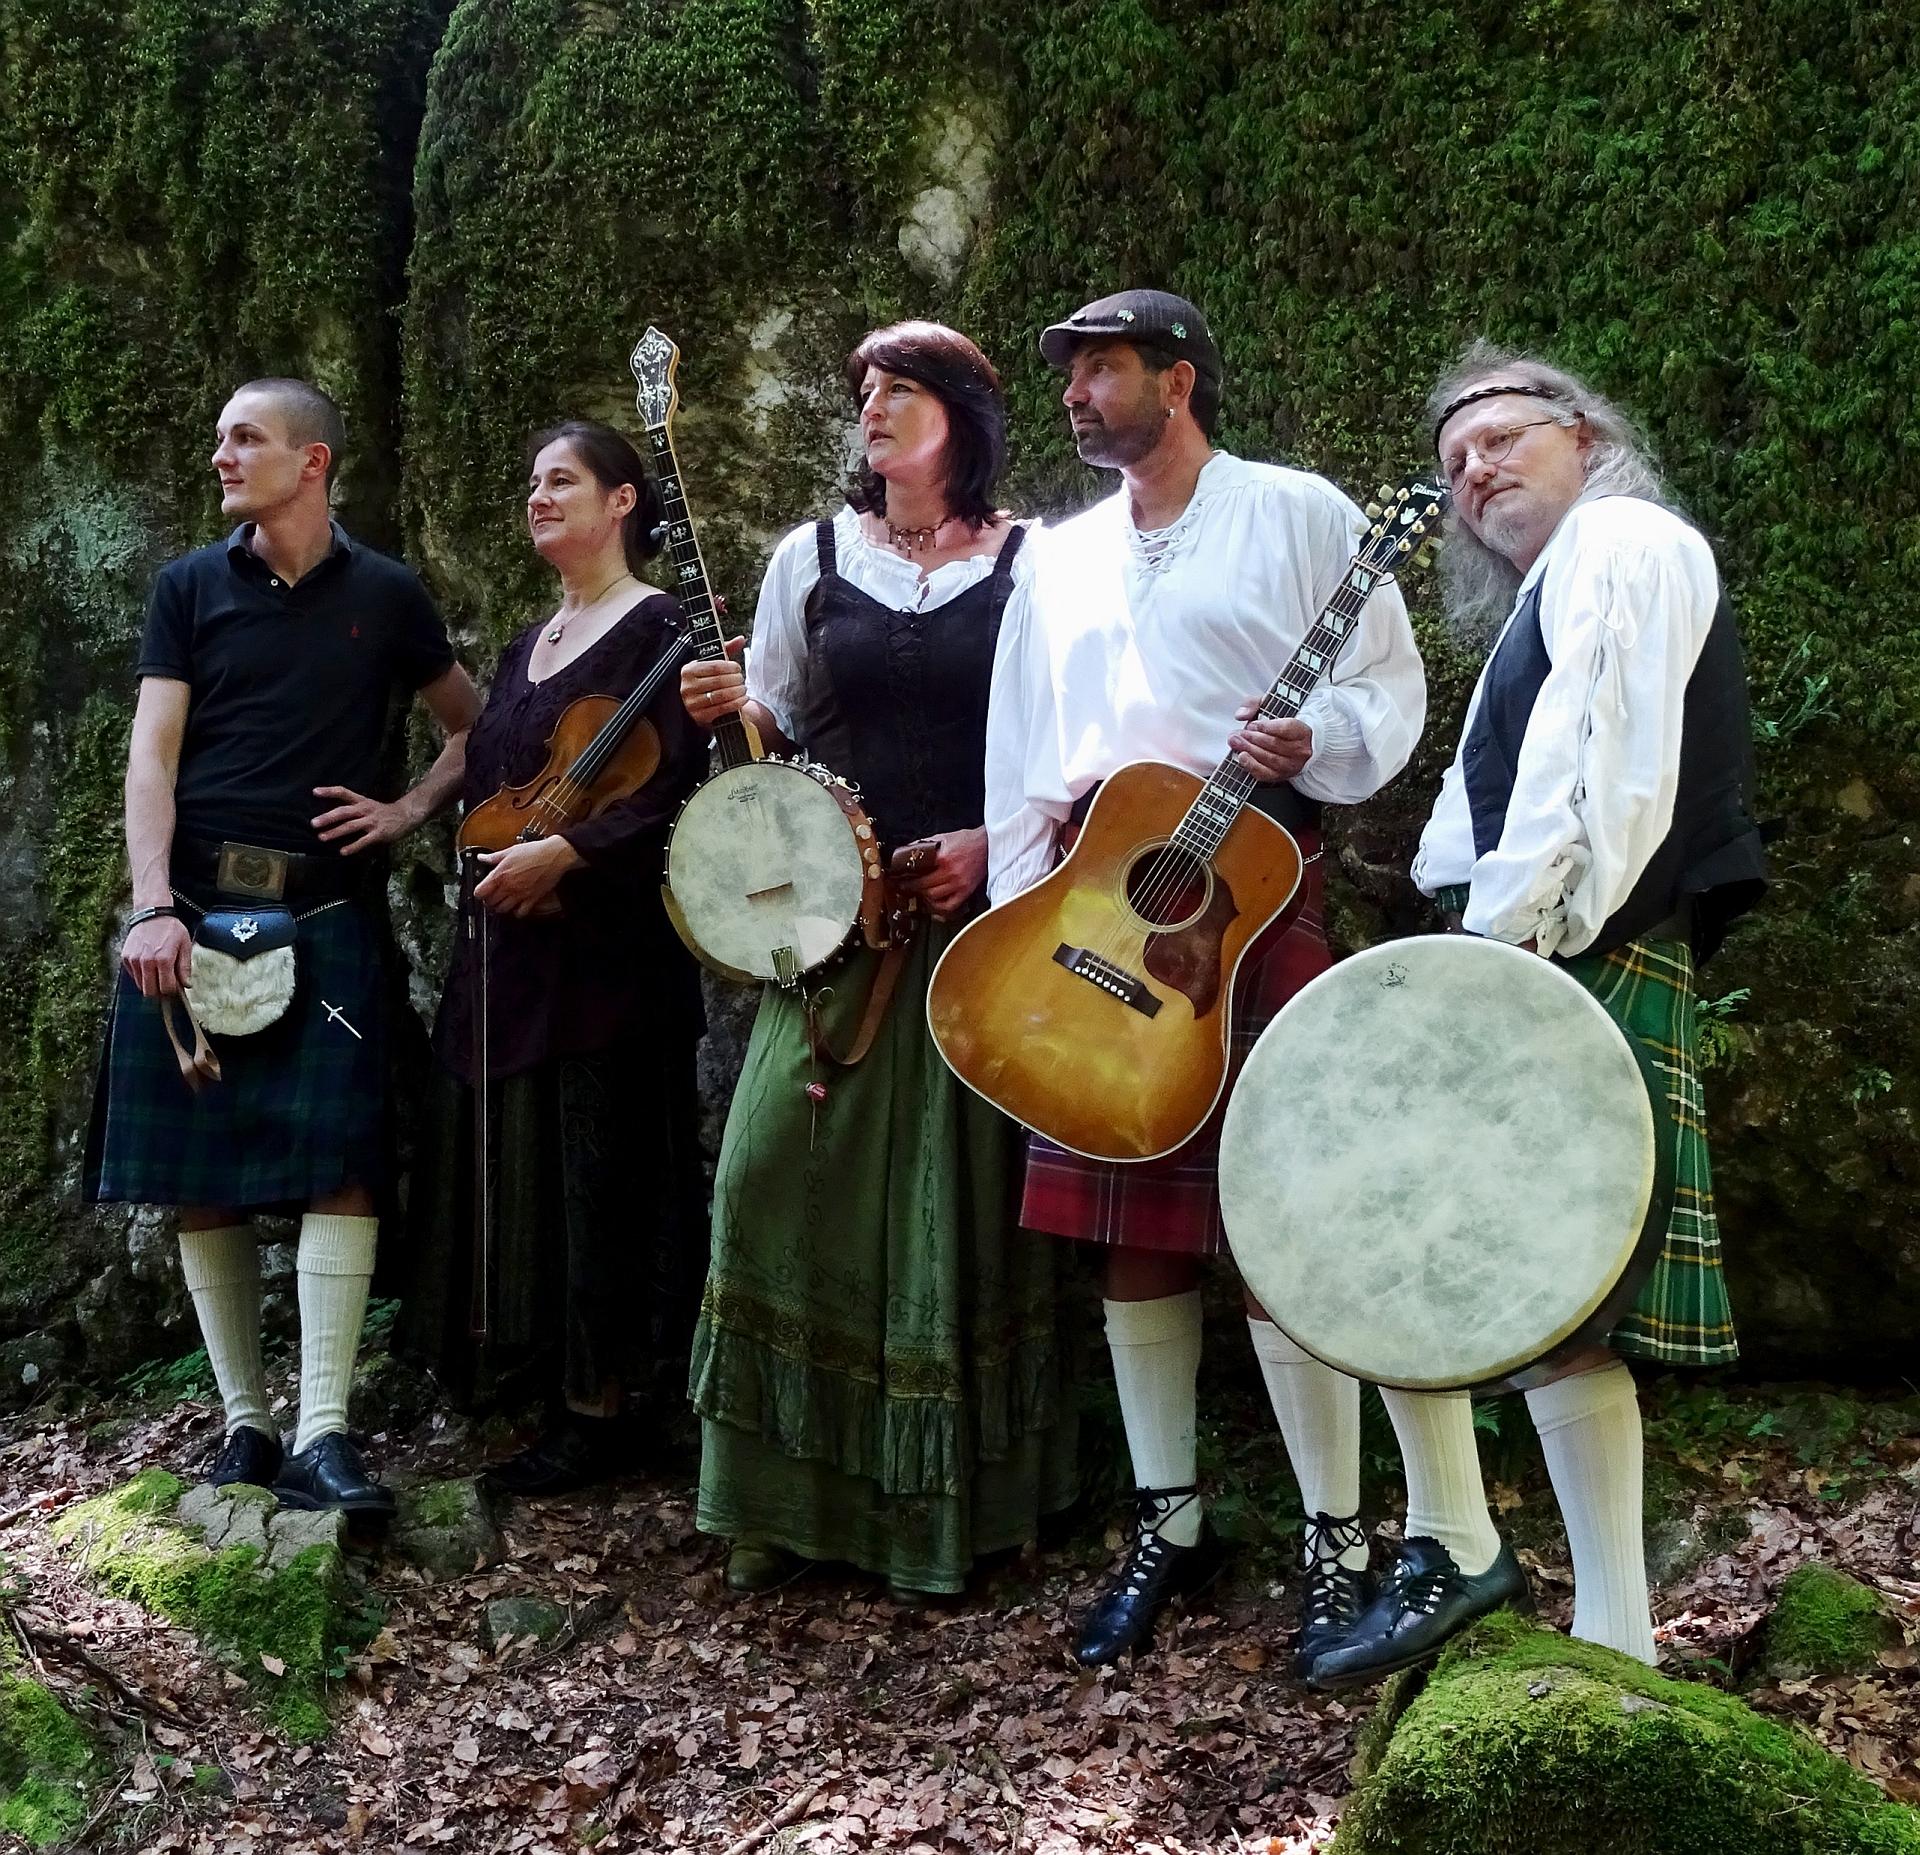 Vorläufig abgesagt! Shamrock – Irish-Bayerisch Folk